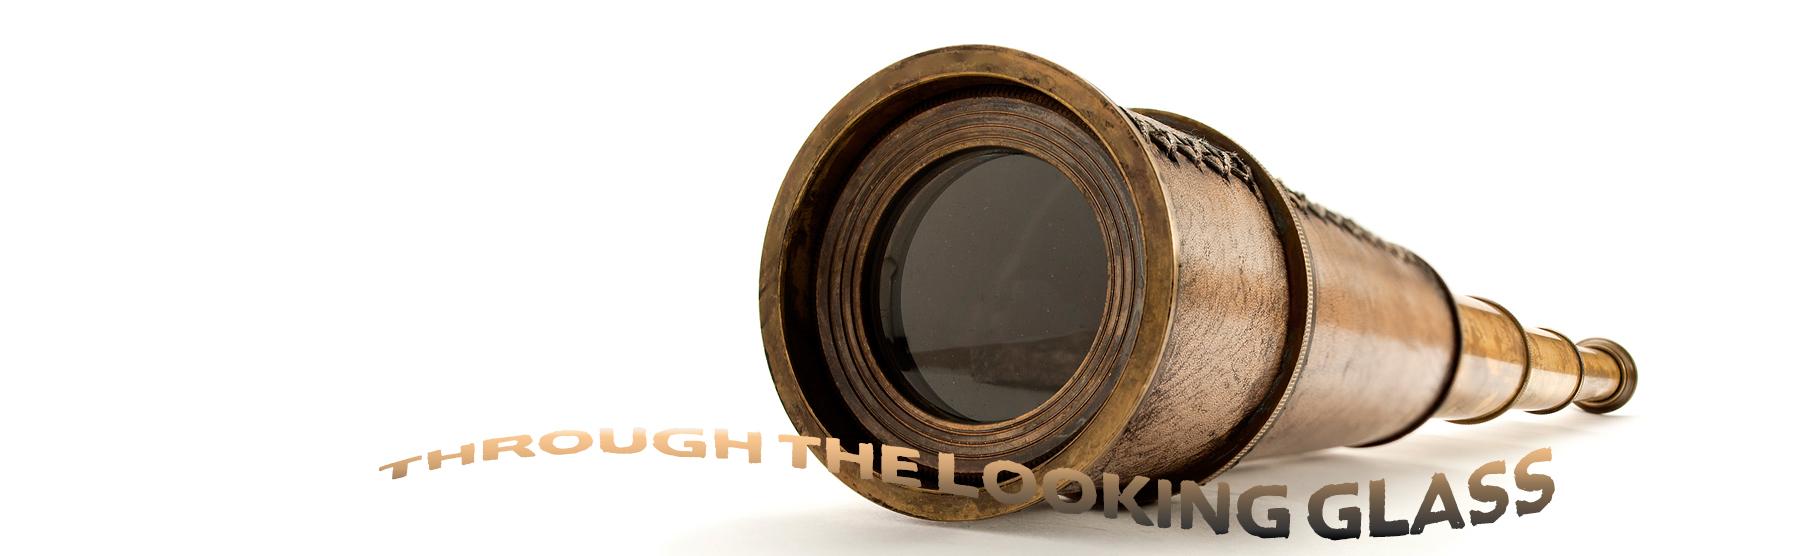 looking-glass1.jpg